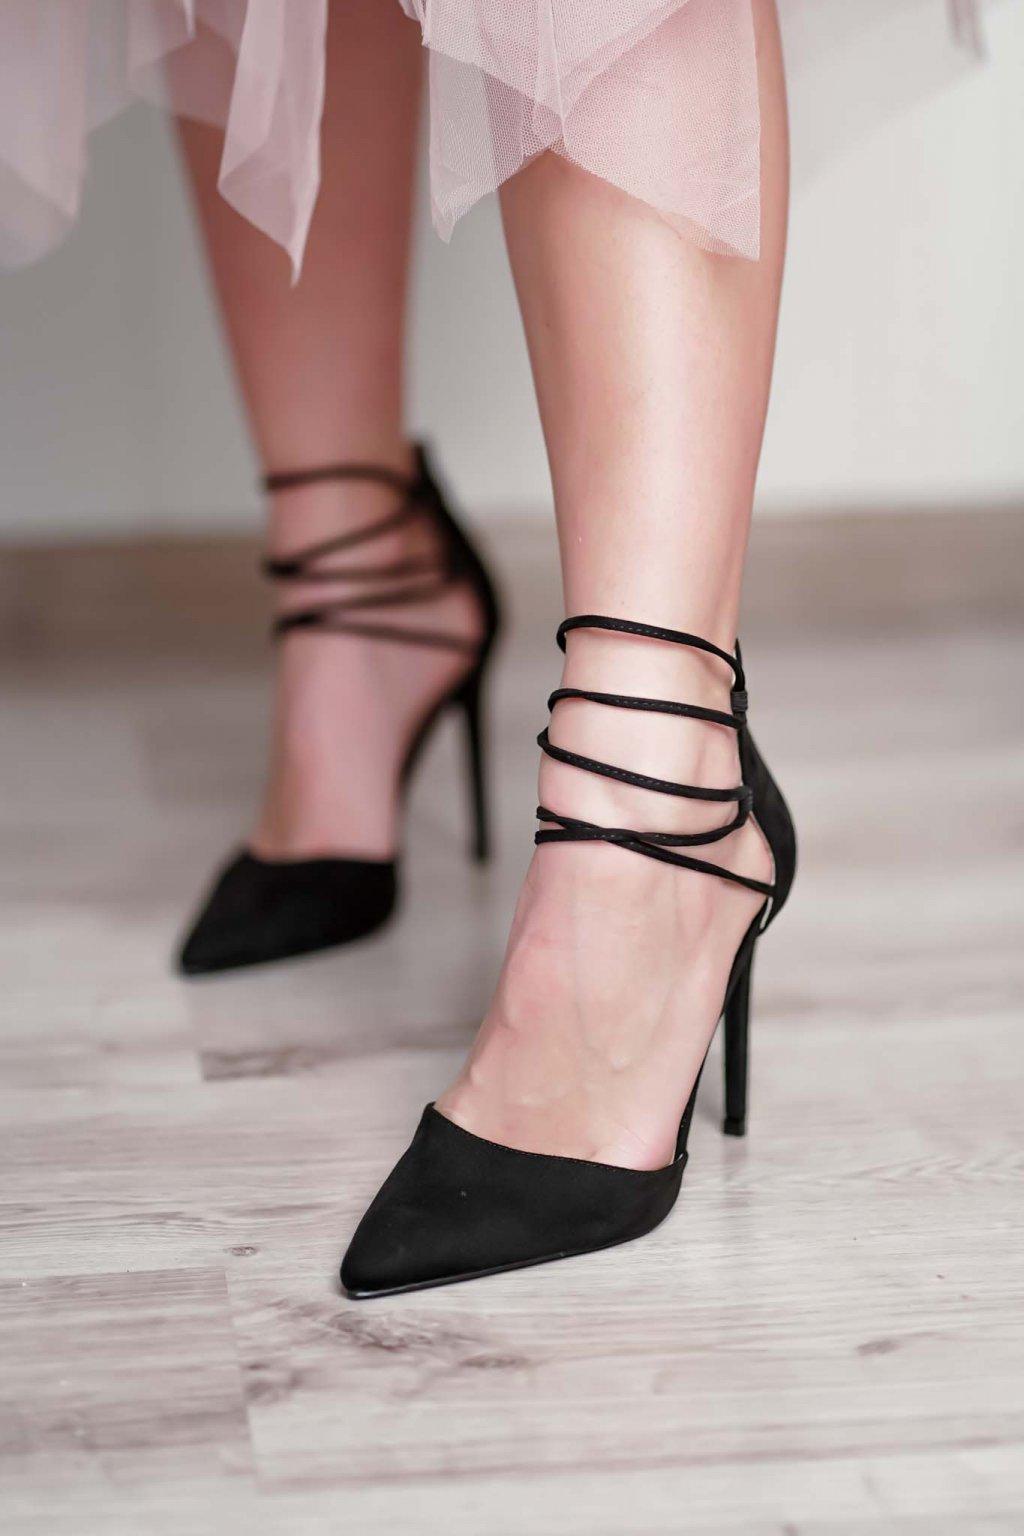 topánky, obuv, tenisky, botasky, lodičky, čižmy, šľapky, sandálky 506